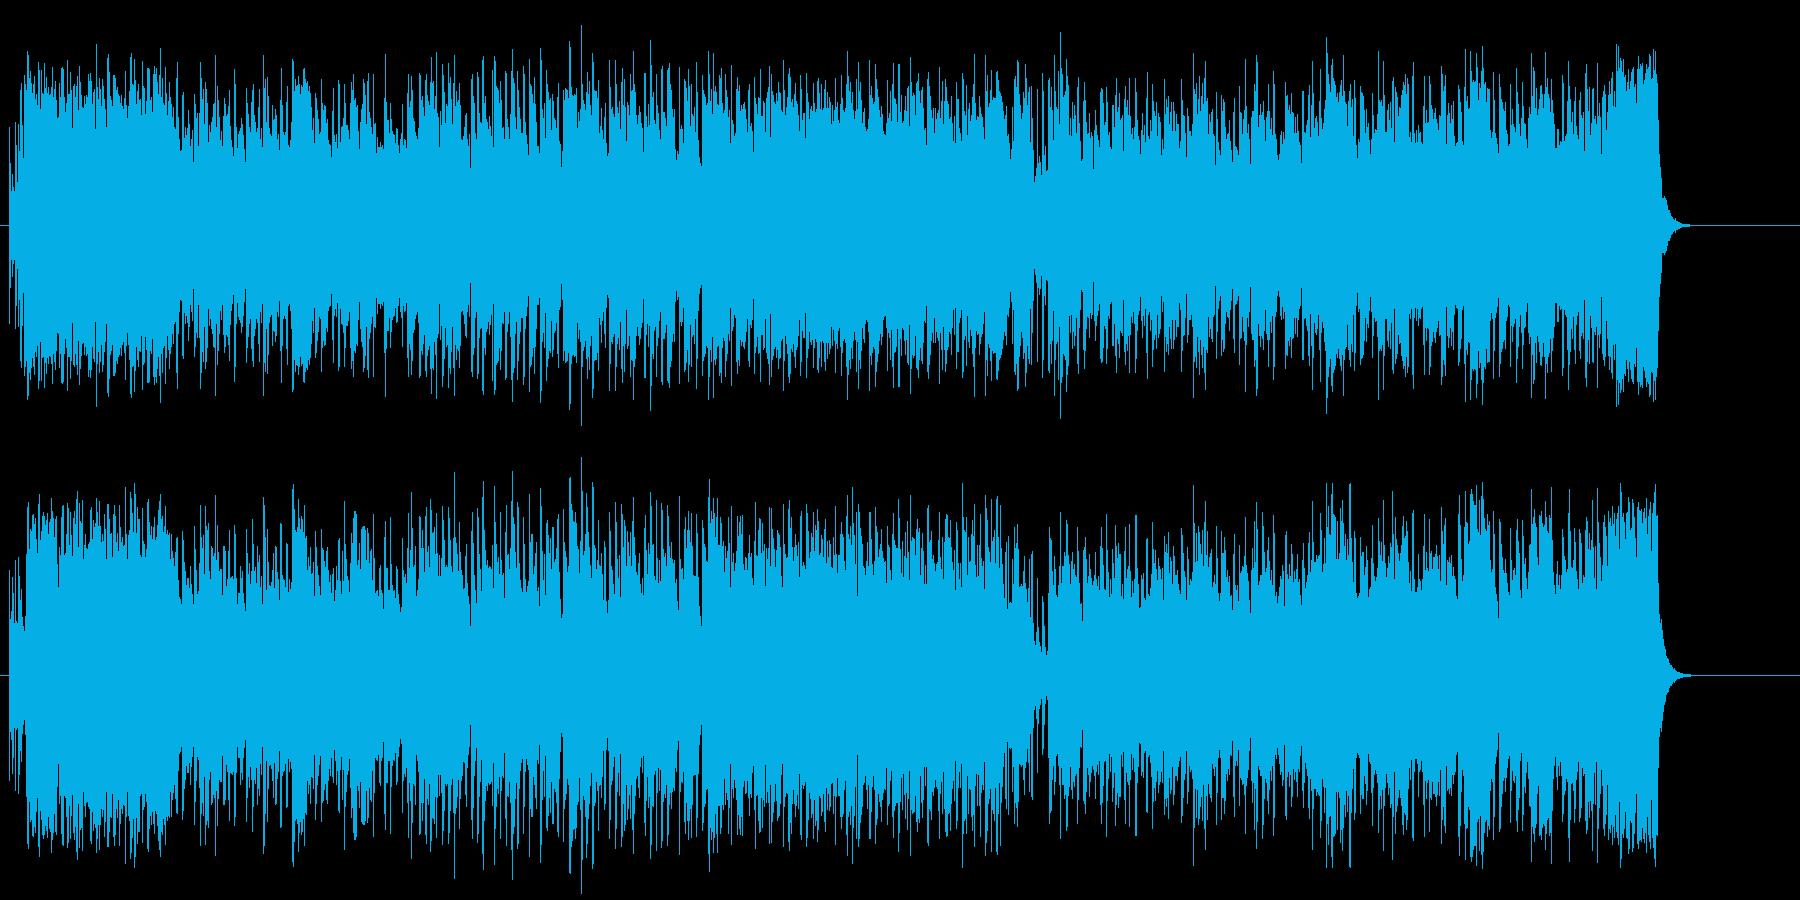 力強さを感じるPR映像向けポップ/BGの再生済みの波形